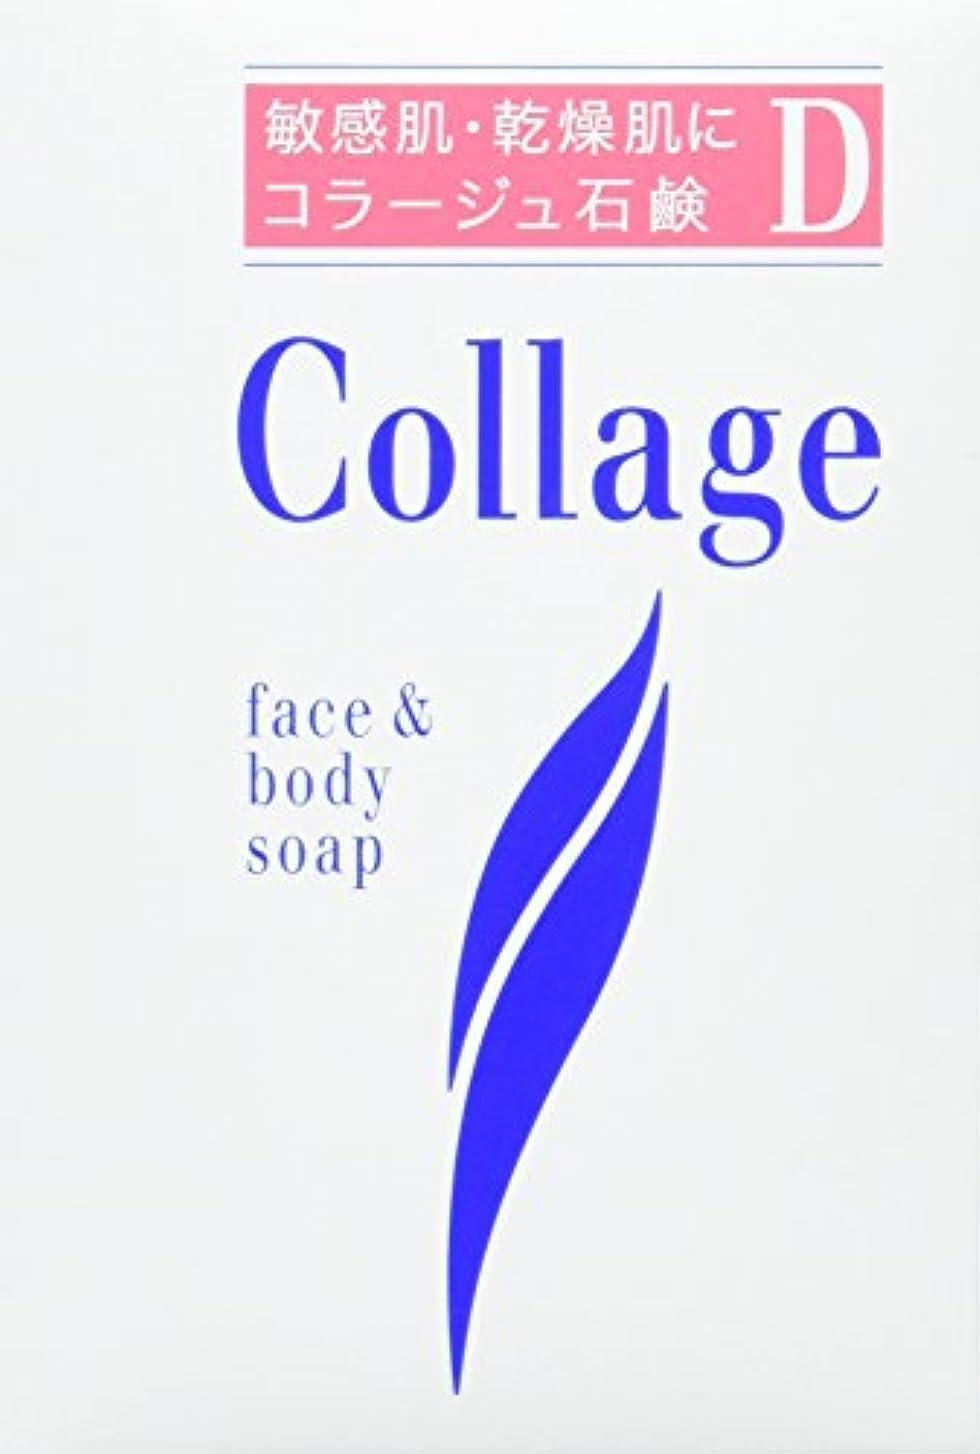 タービン無秩序改修コラージュ D乾性肌用石鹸 100g